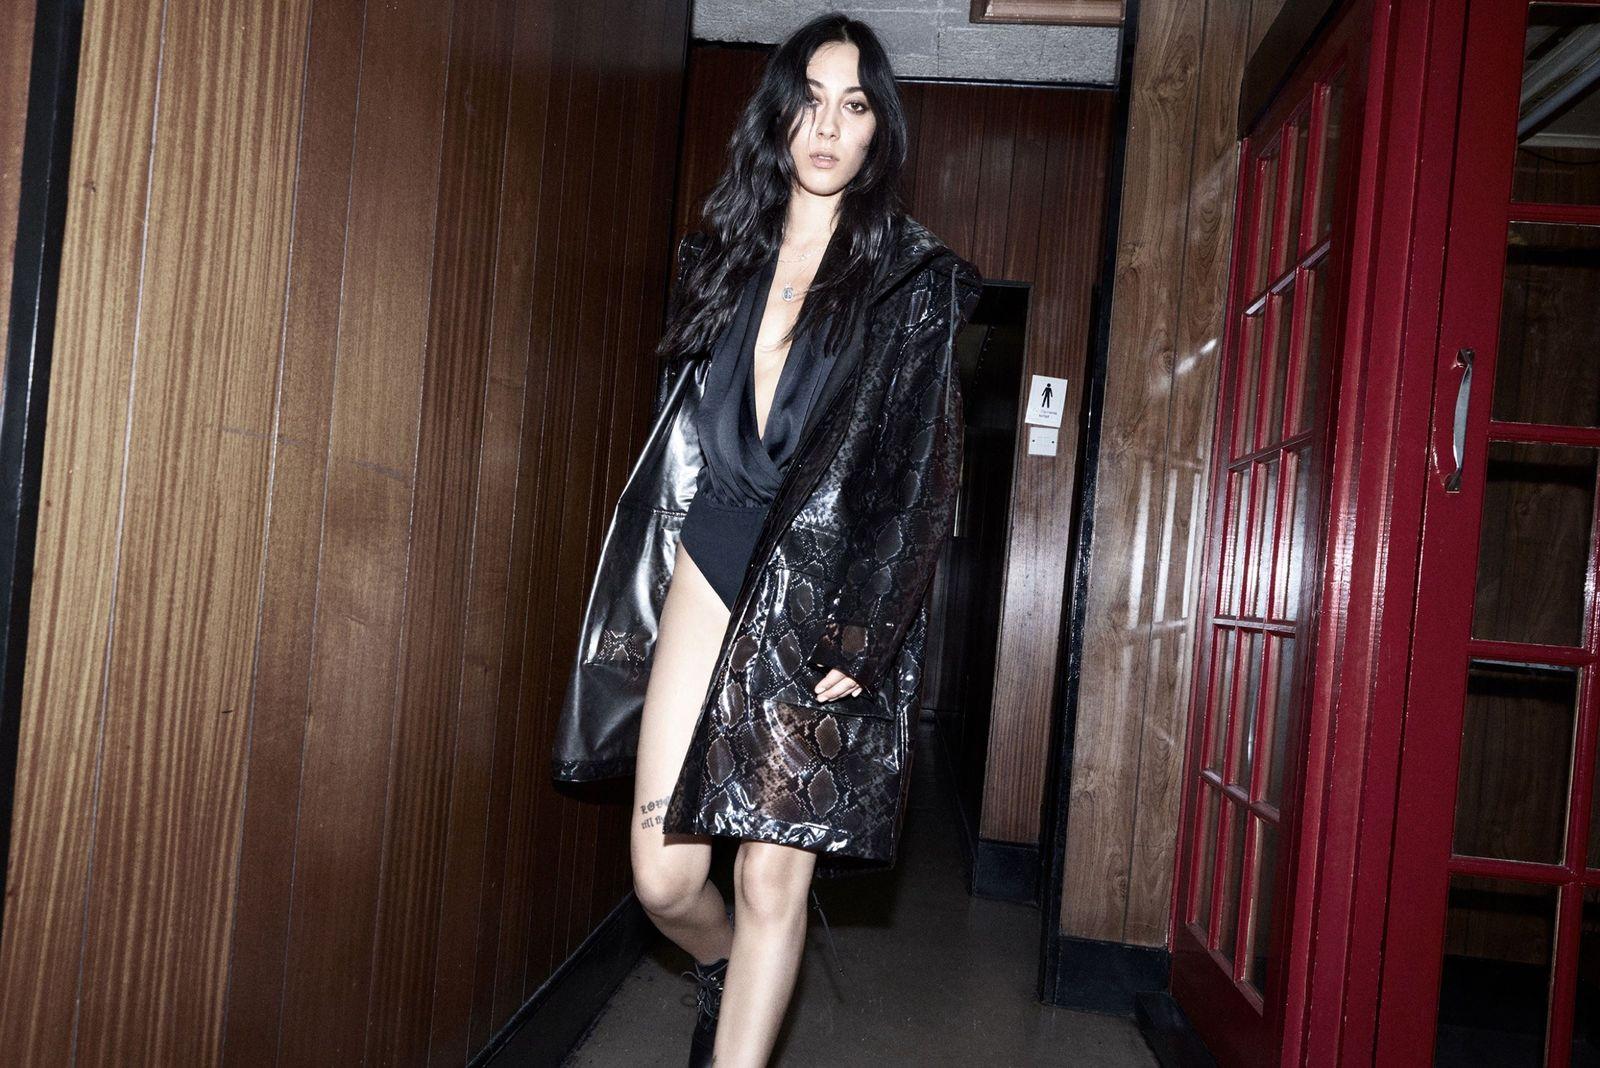 Immagine di una donna in un corridoio. Indossa una gonna a matita in tessuto texturizzato con una cintura marrone in pelle, una camicia zebrata e un cappotto nero e bianco.